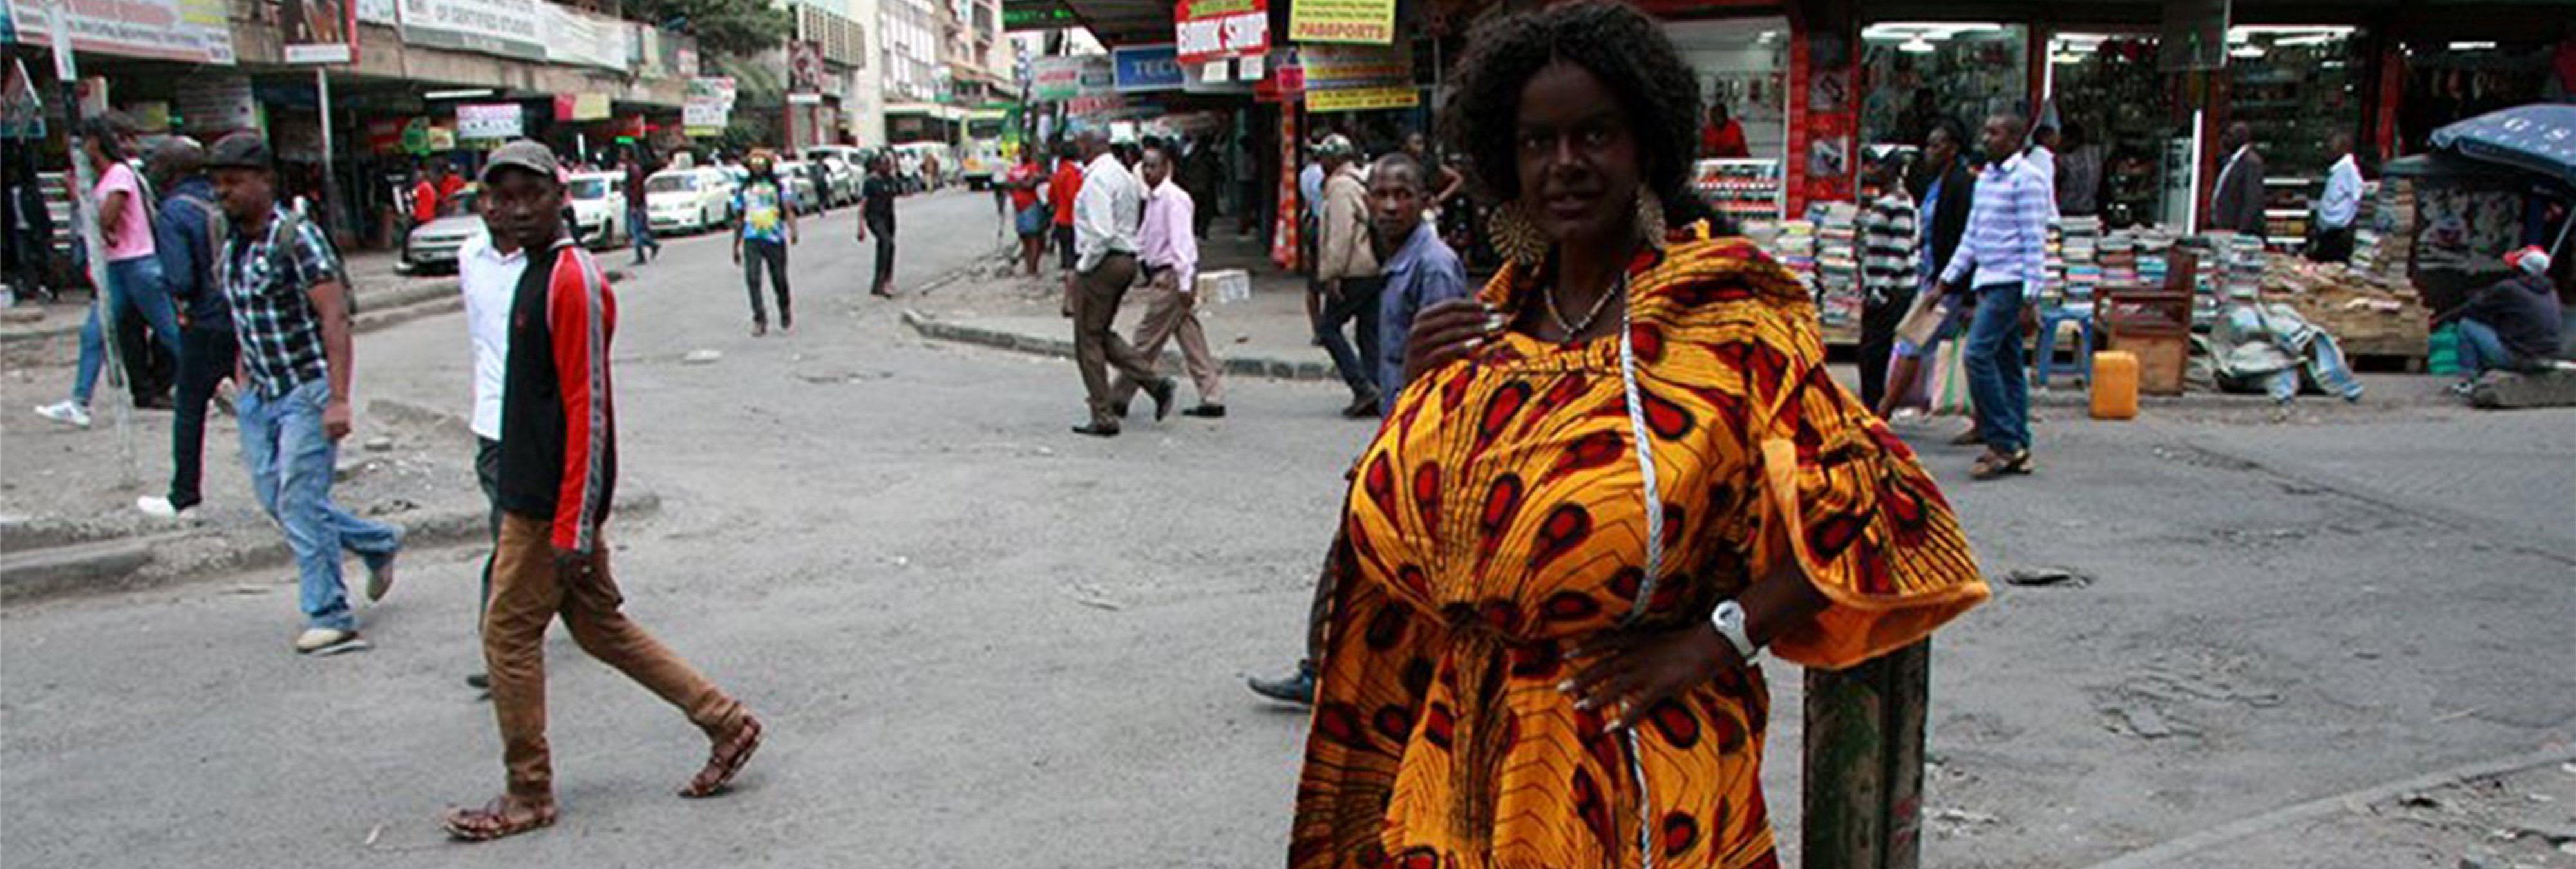 """65.000 dólares en operaciones para convertirse en una Barbie negra: """"Quiero ser africana"""""""